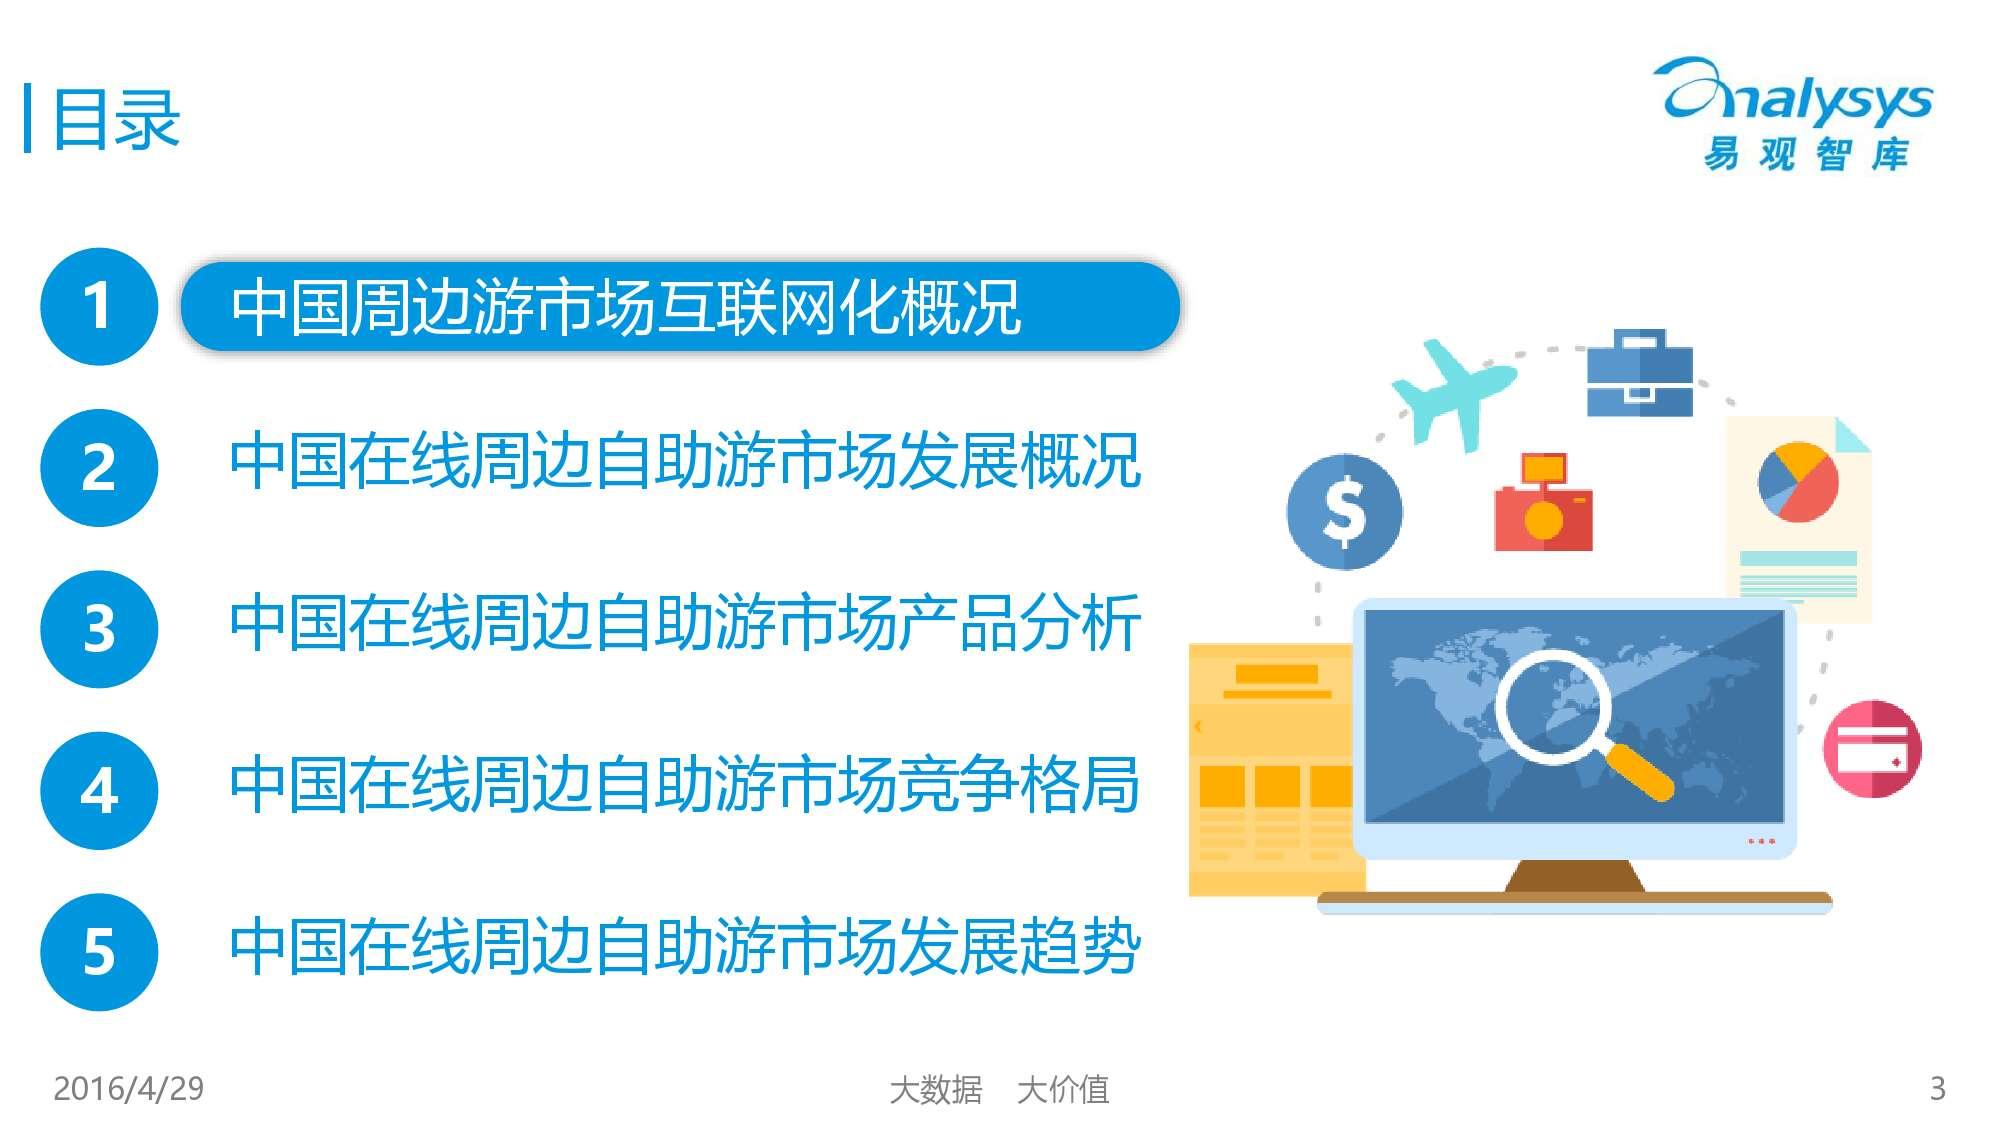 中国在线周边自助游市场专题研究报告2016_000003